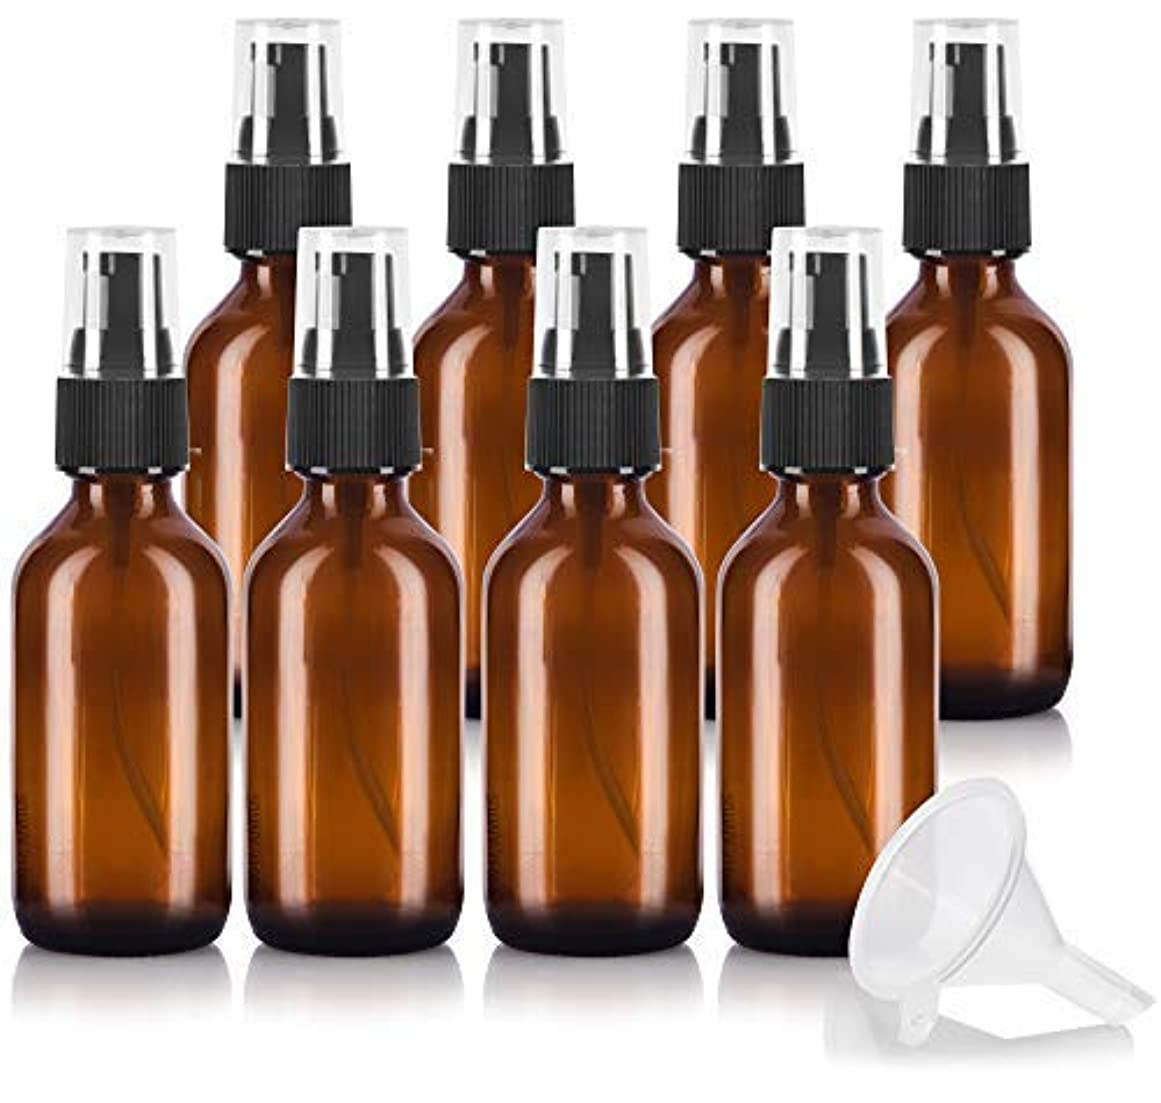 泥だらけ明らか発行する2 oz Amber Glass Boston Round Treatment Pump Bottle (8 pack) + Funnel and Labels for essential oils, aromatherapy...